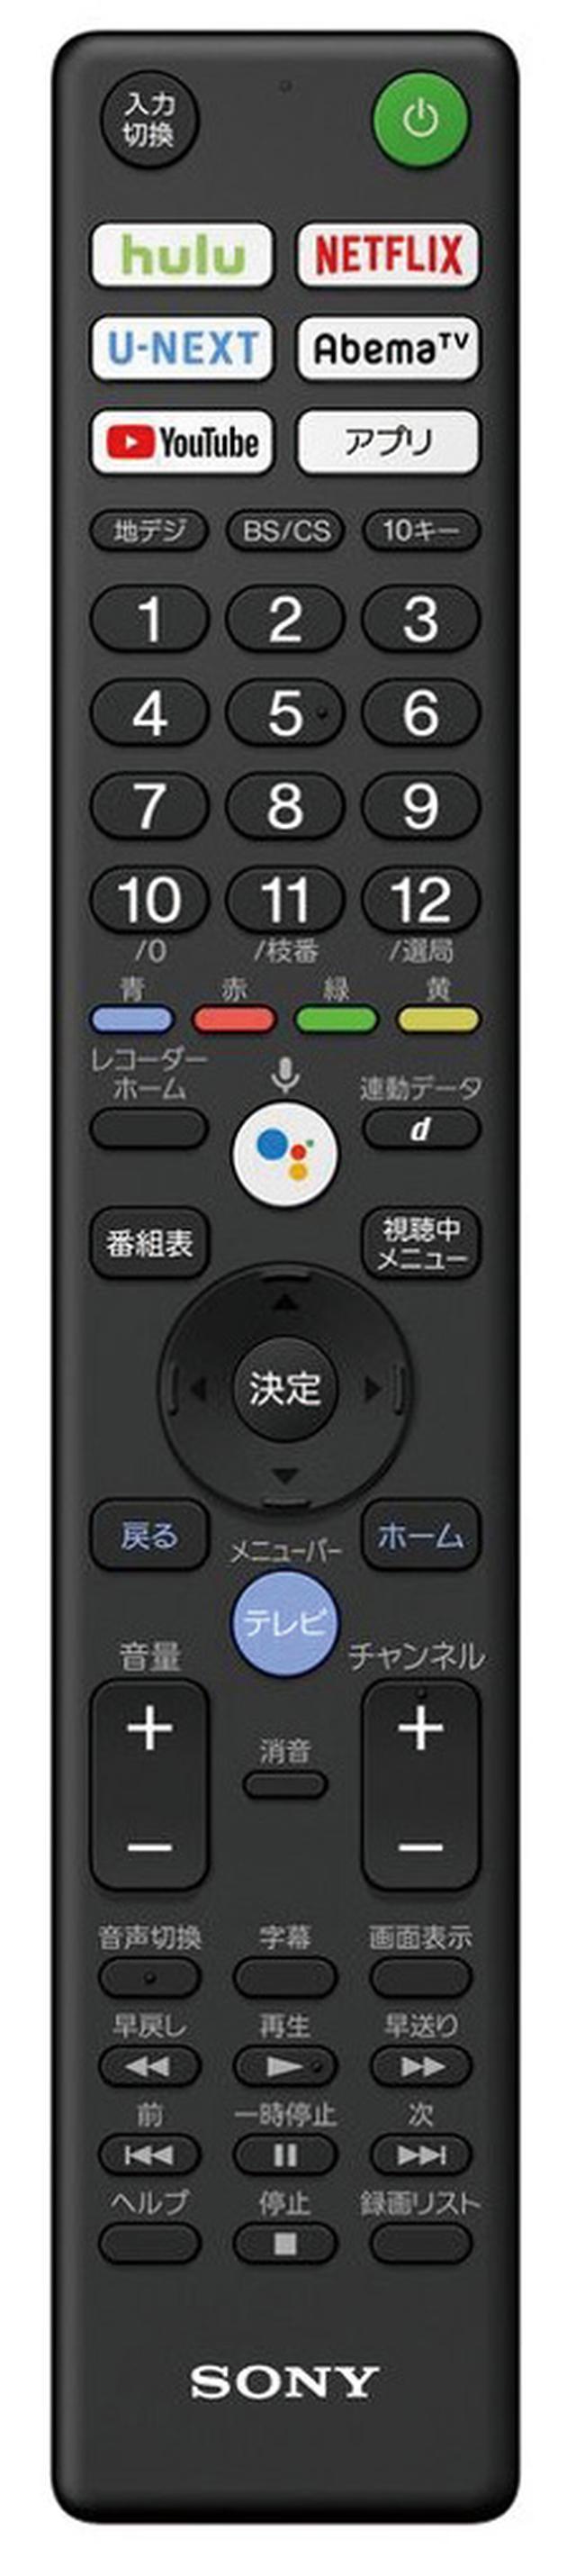 画像: 見たいチャンネルの数字を押すと、電源が入り、番組視聴が可能。独立したネット動画ボタンもわかりやすい。